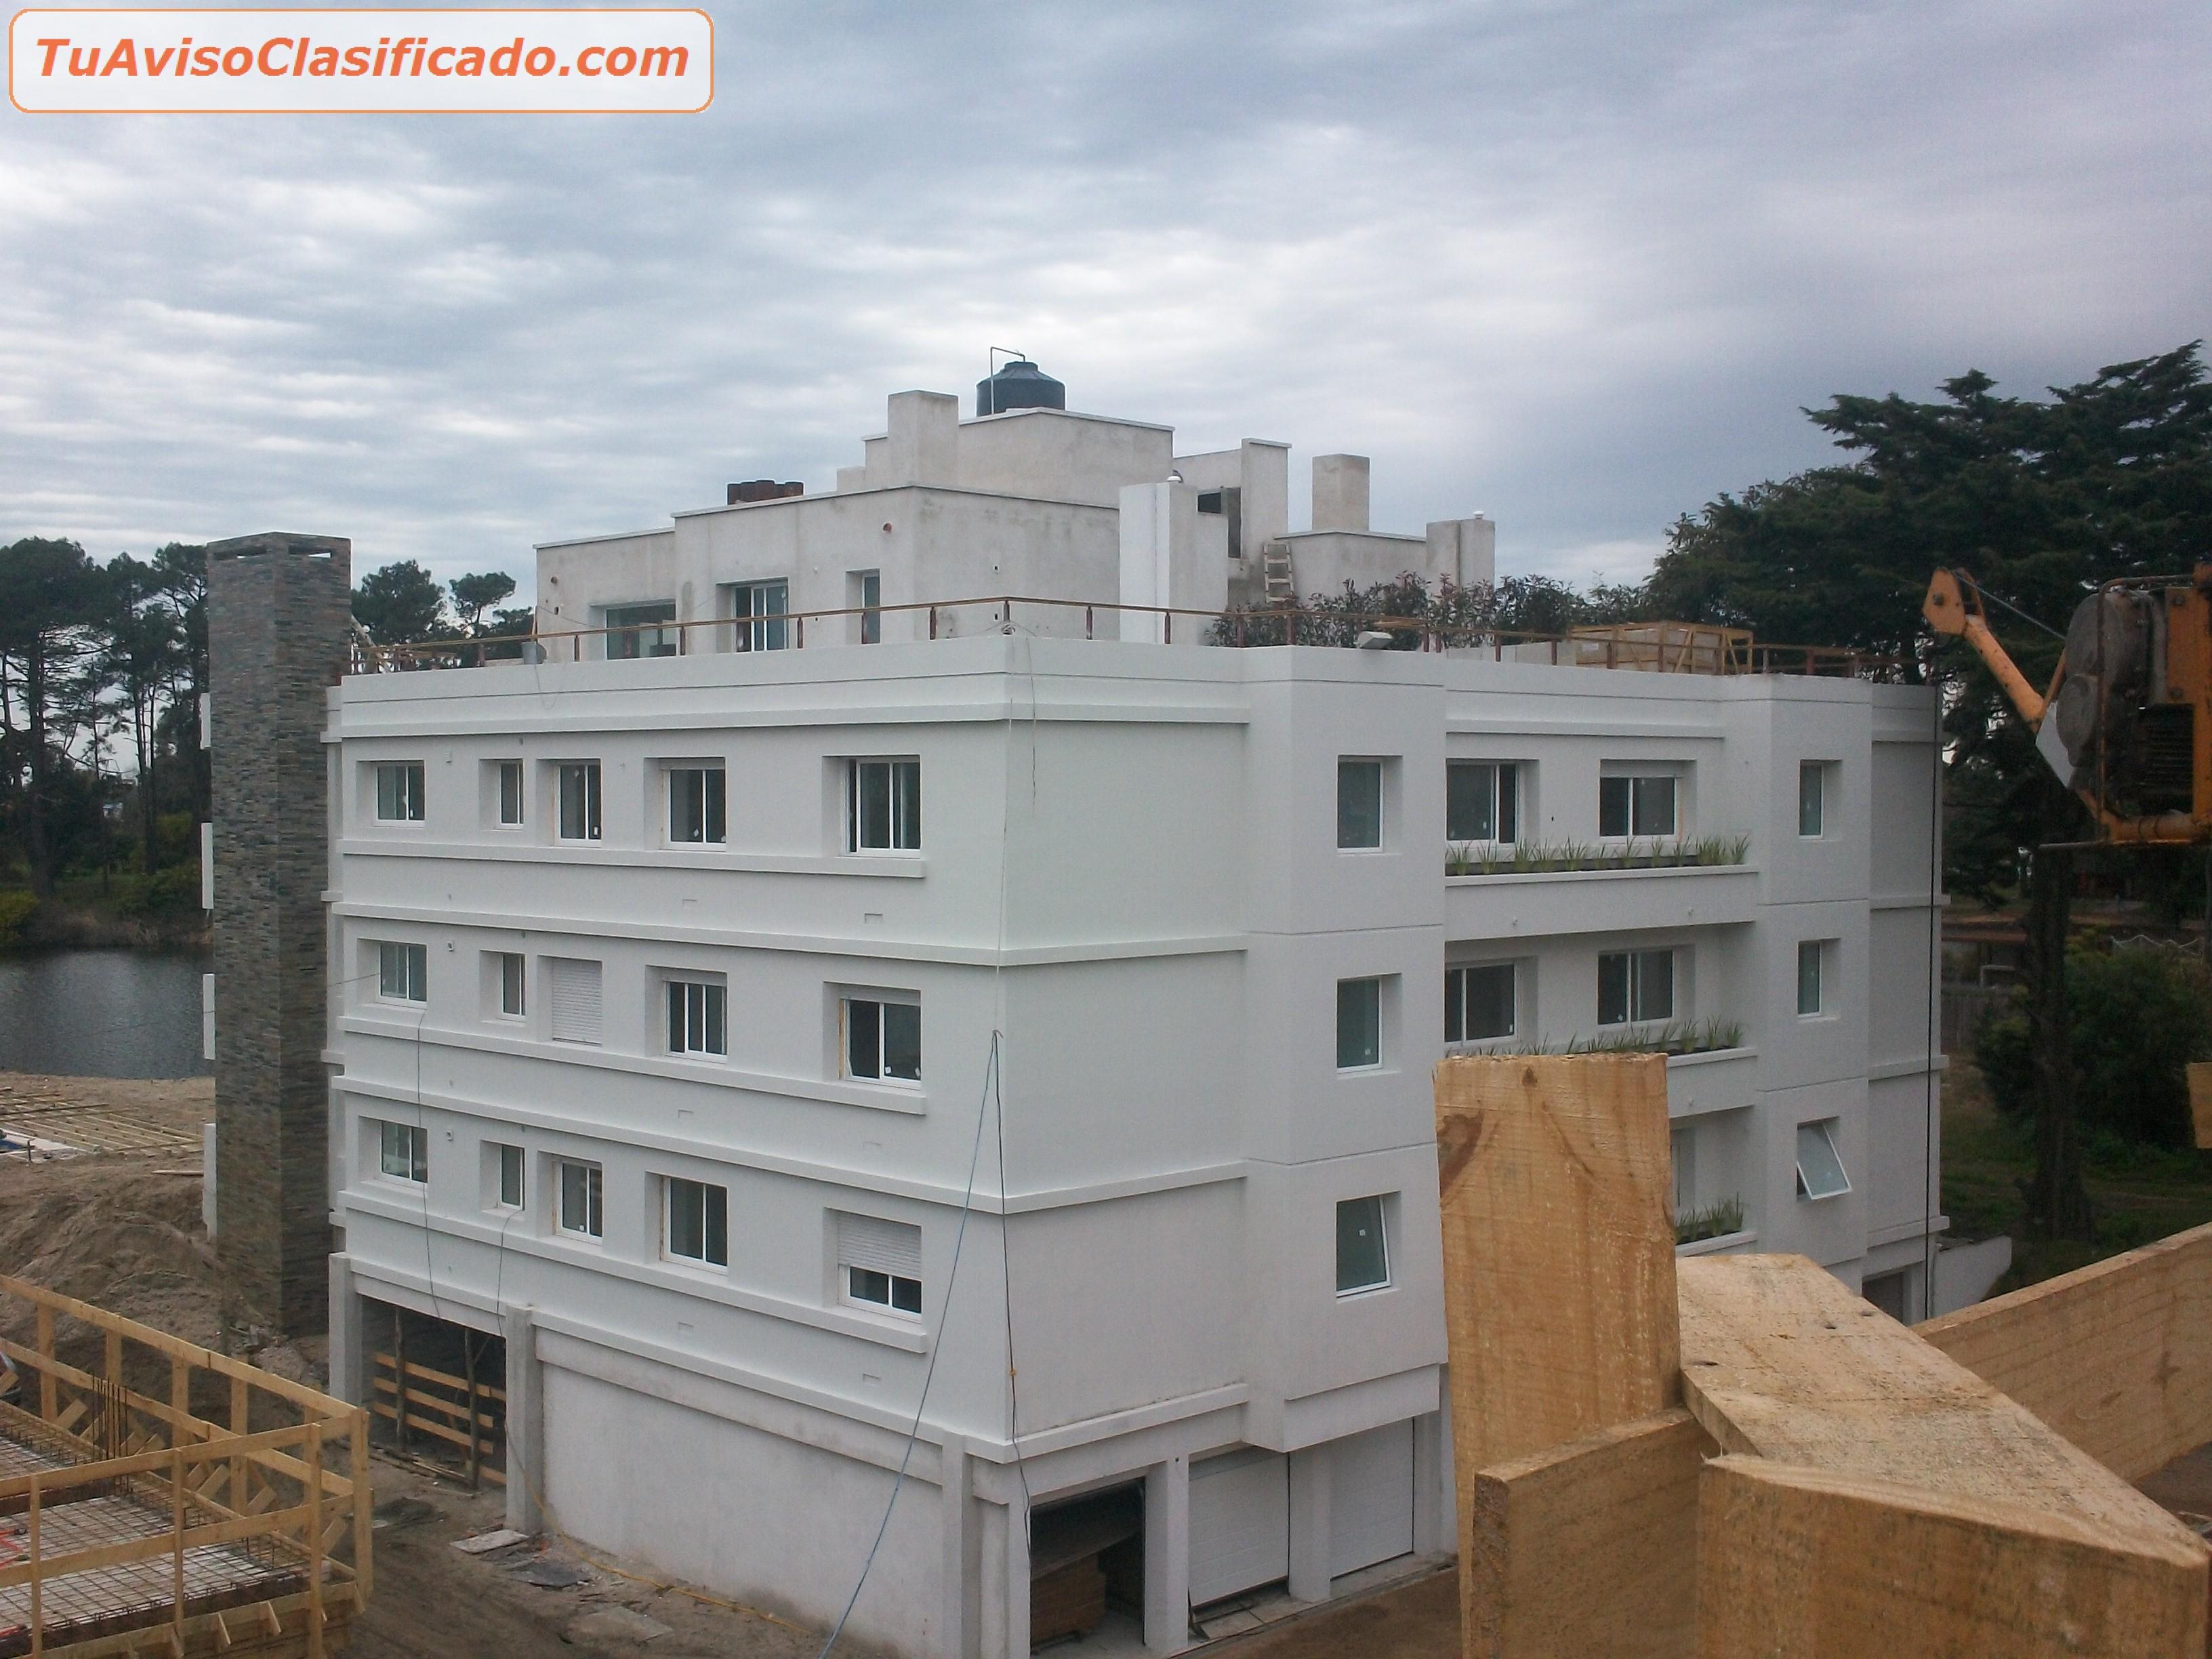 Construccion de obras y piscinas en todo el pa s con for Construccion de piscinas en uruguay